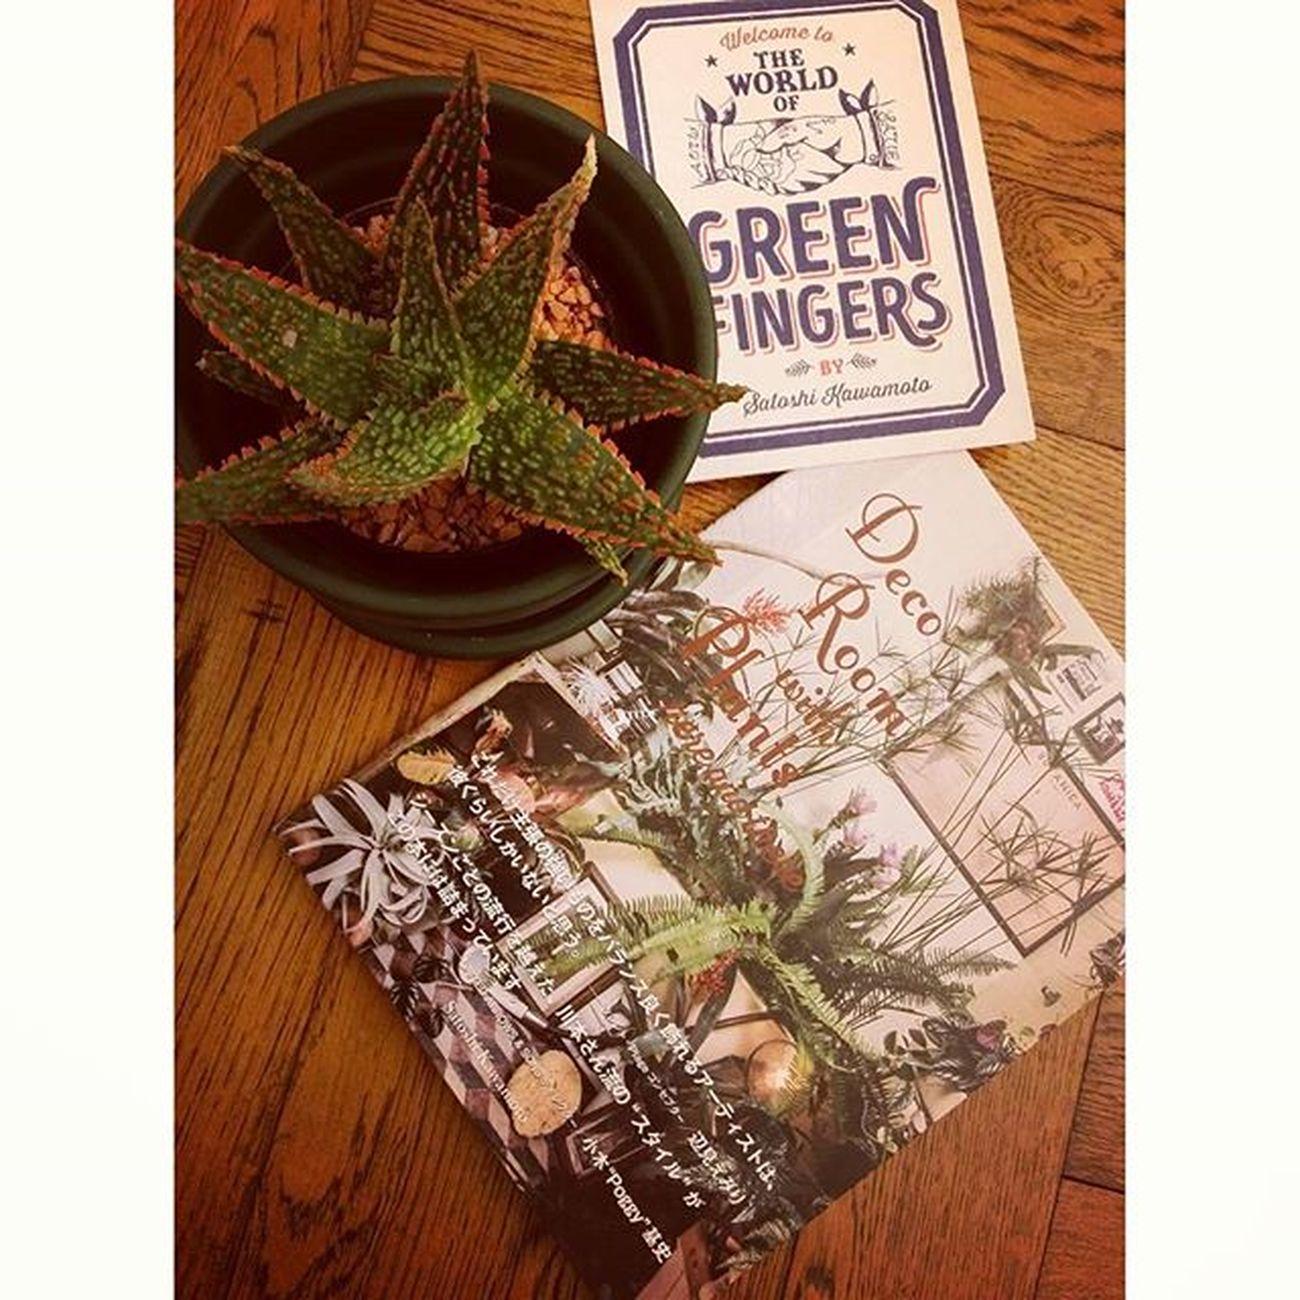 ついつい買っちゃうよね♫アロエフラミンゴと呼ぶみたい。。。 satieさんのでっかい個展atラフォーレミュージアム原宿❣ 植物のお買い物も出来るよ(⌒_⌒) 11/19−11/23おいでませ〜♡ Satie 川本諭 グリーンフィンガーズ